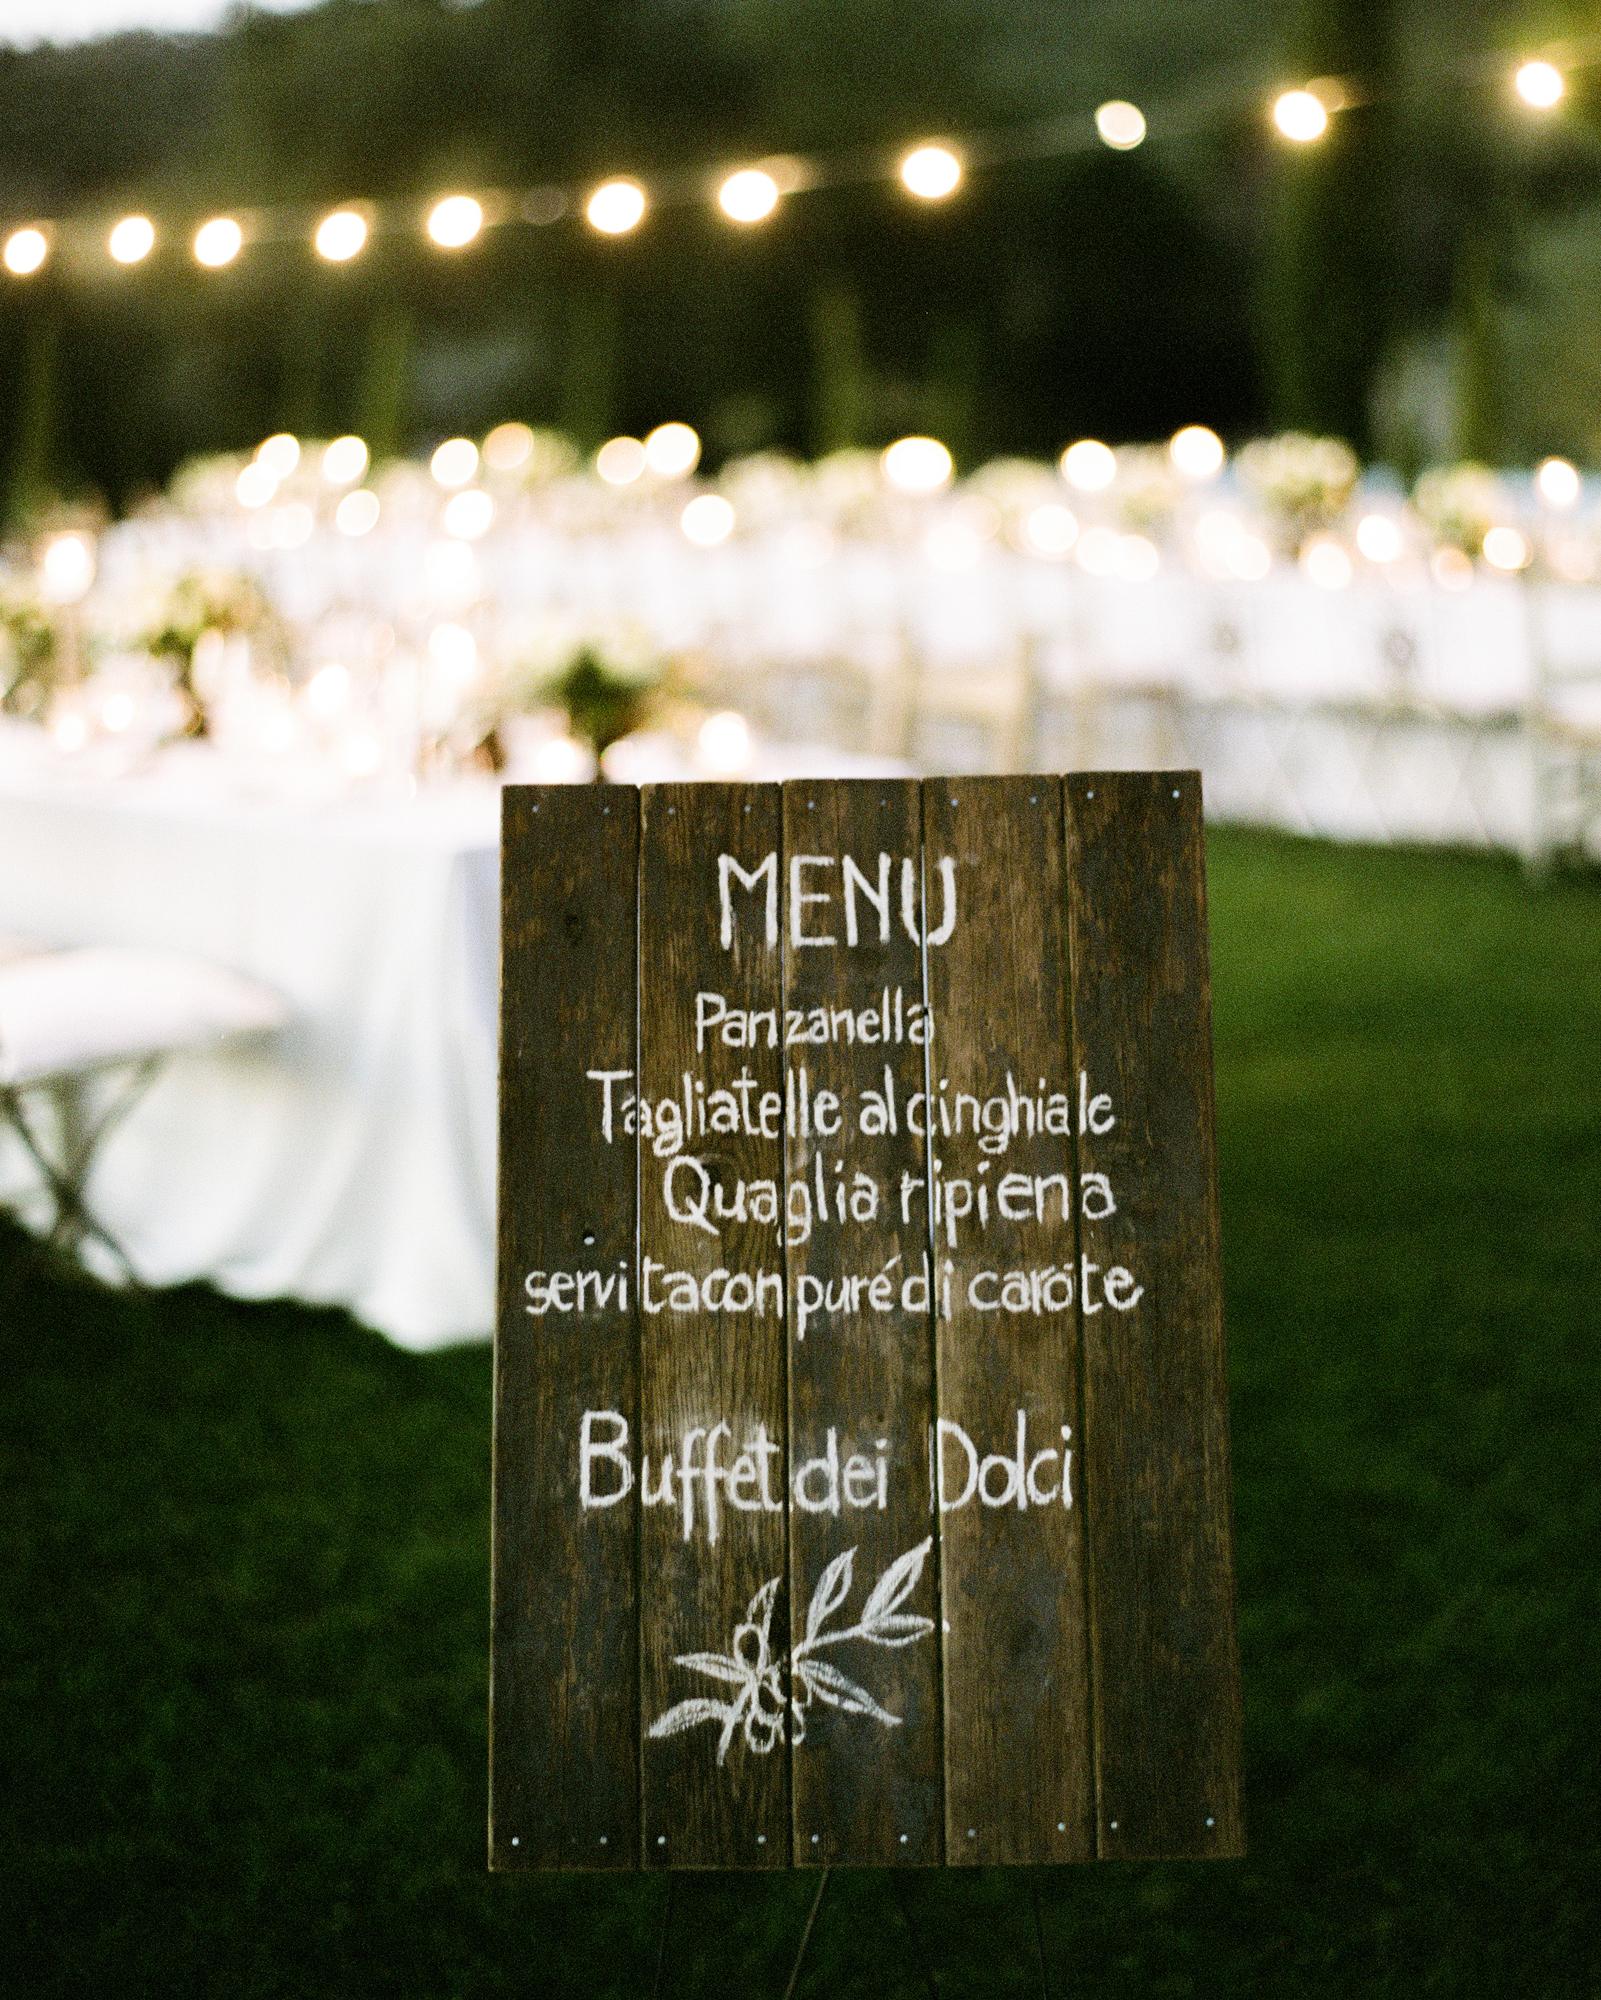 regina-jack-wedding-menu-80-s111820-0215.jpg